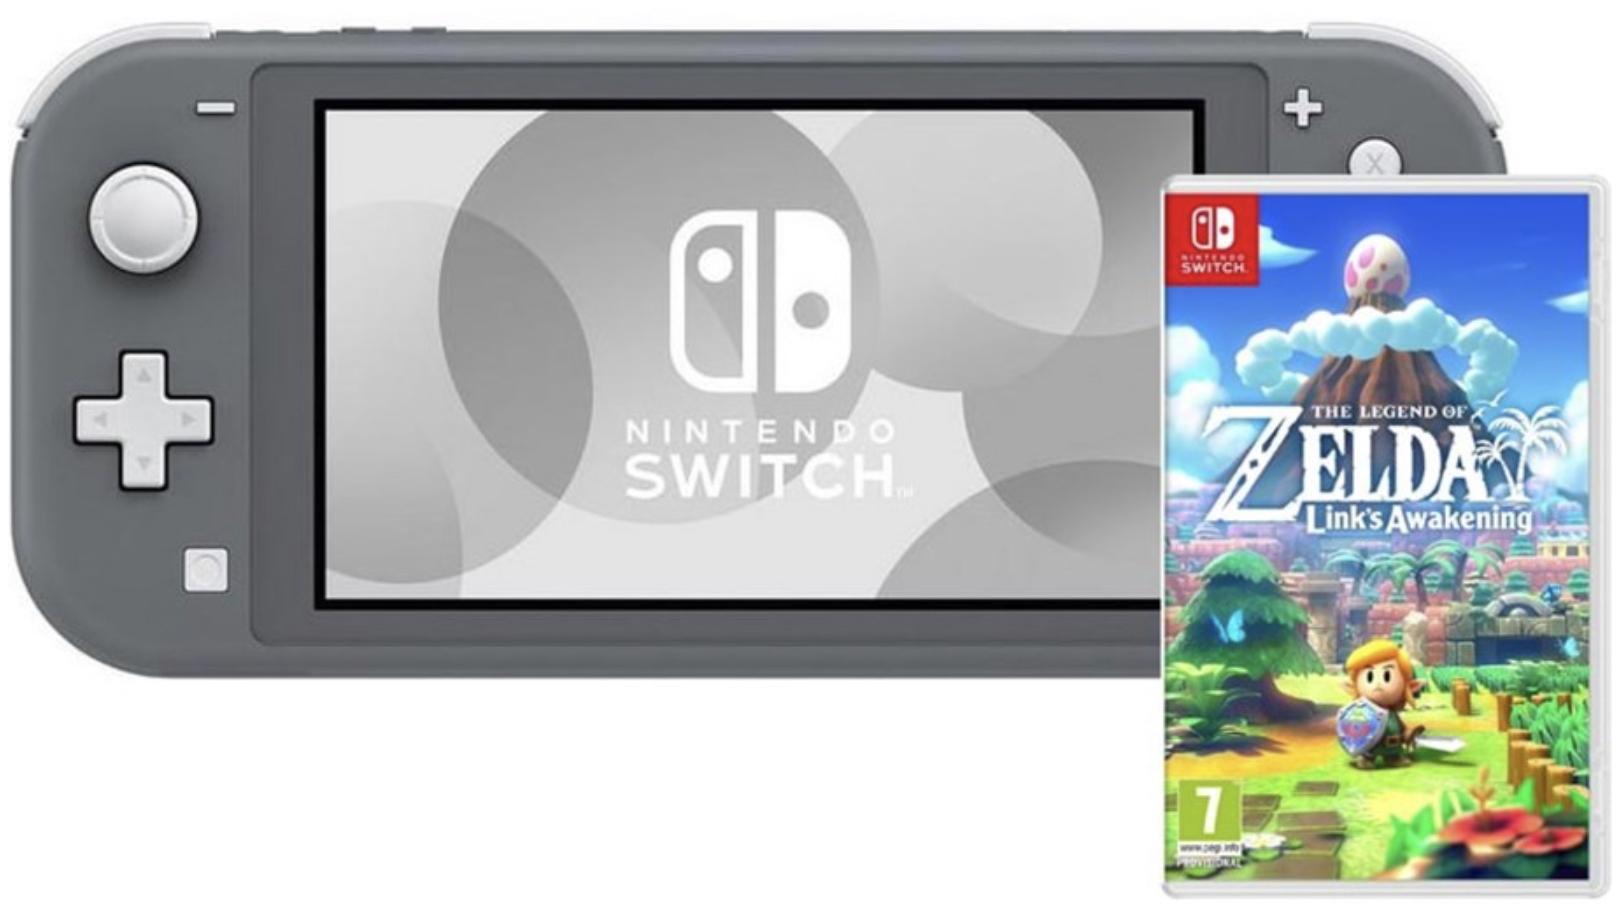 NINTENDO Switch Lite Spielkonsole grau + The Legend of Zelda Links Awakening für zusammen 224,98€ inkl. Versandkosten